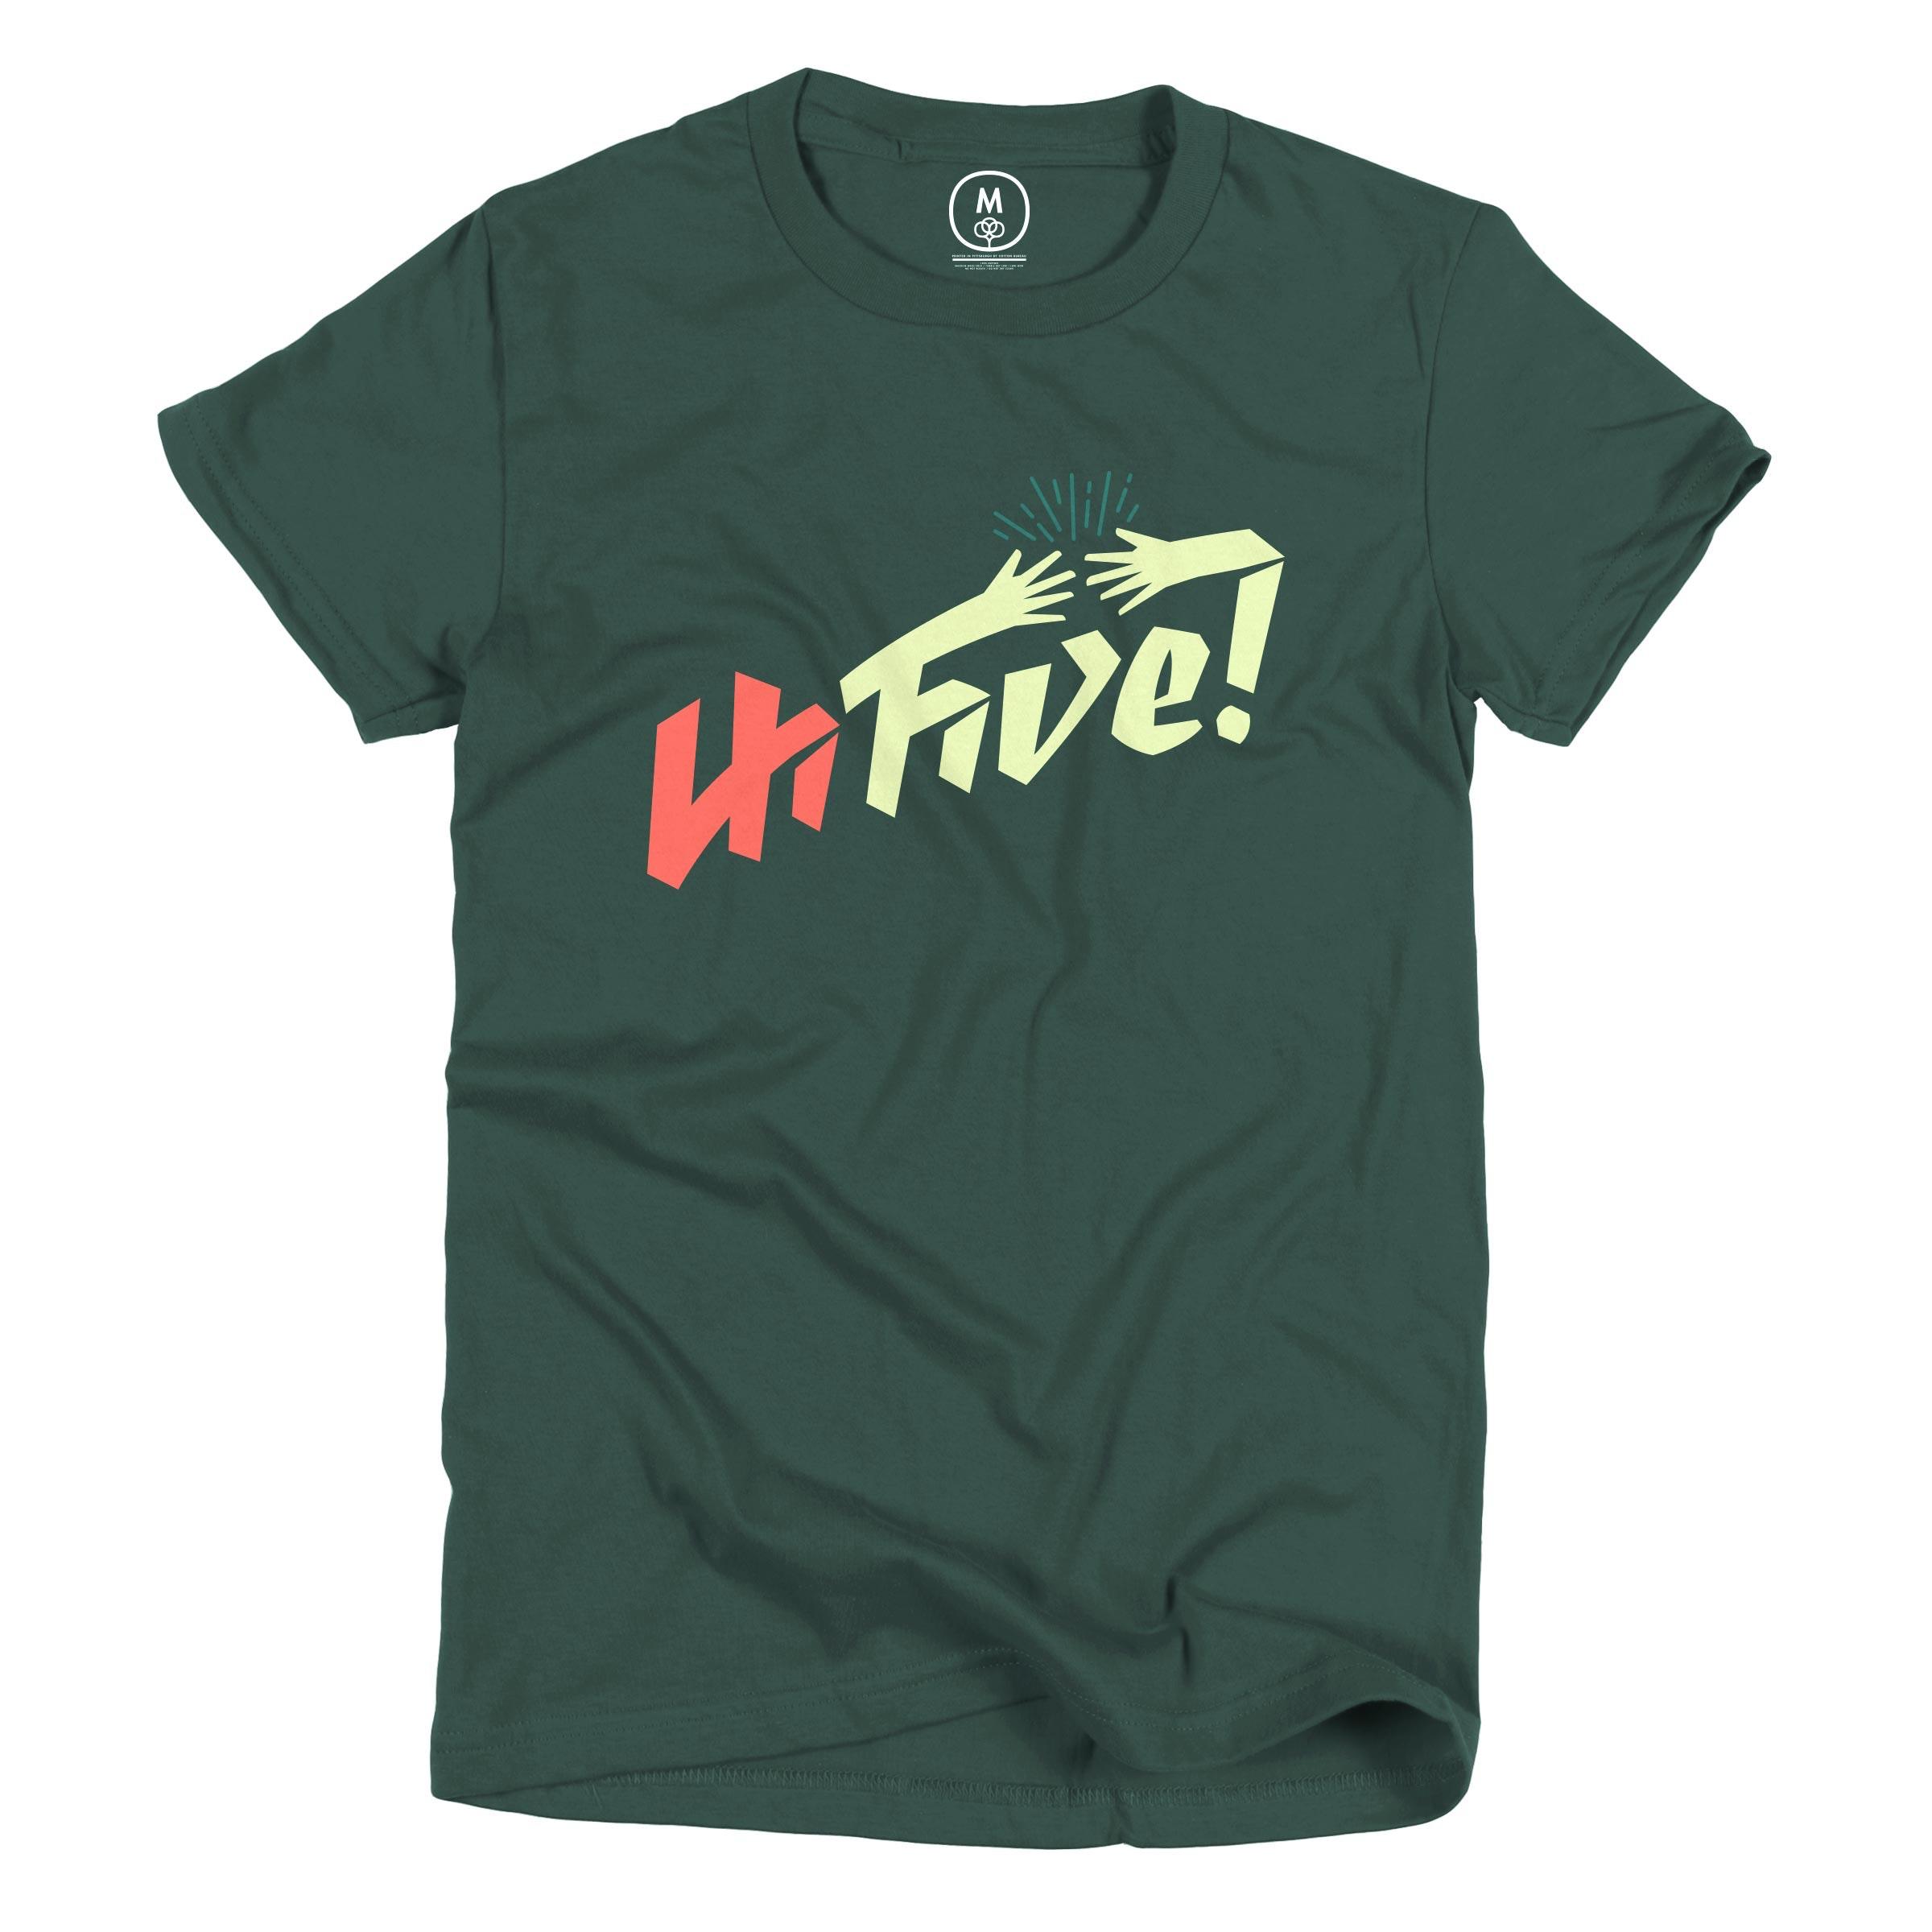 Hi Five! Hers